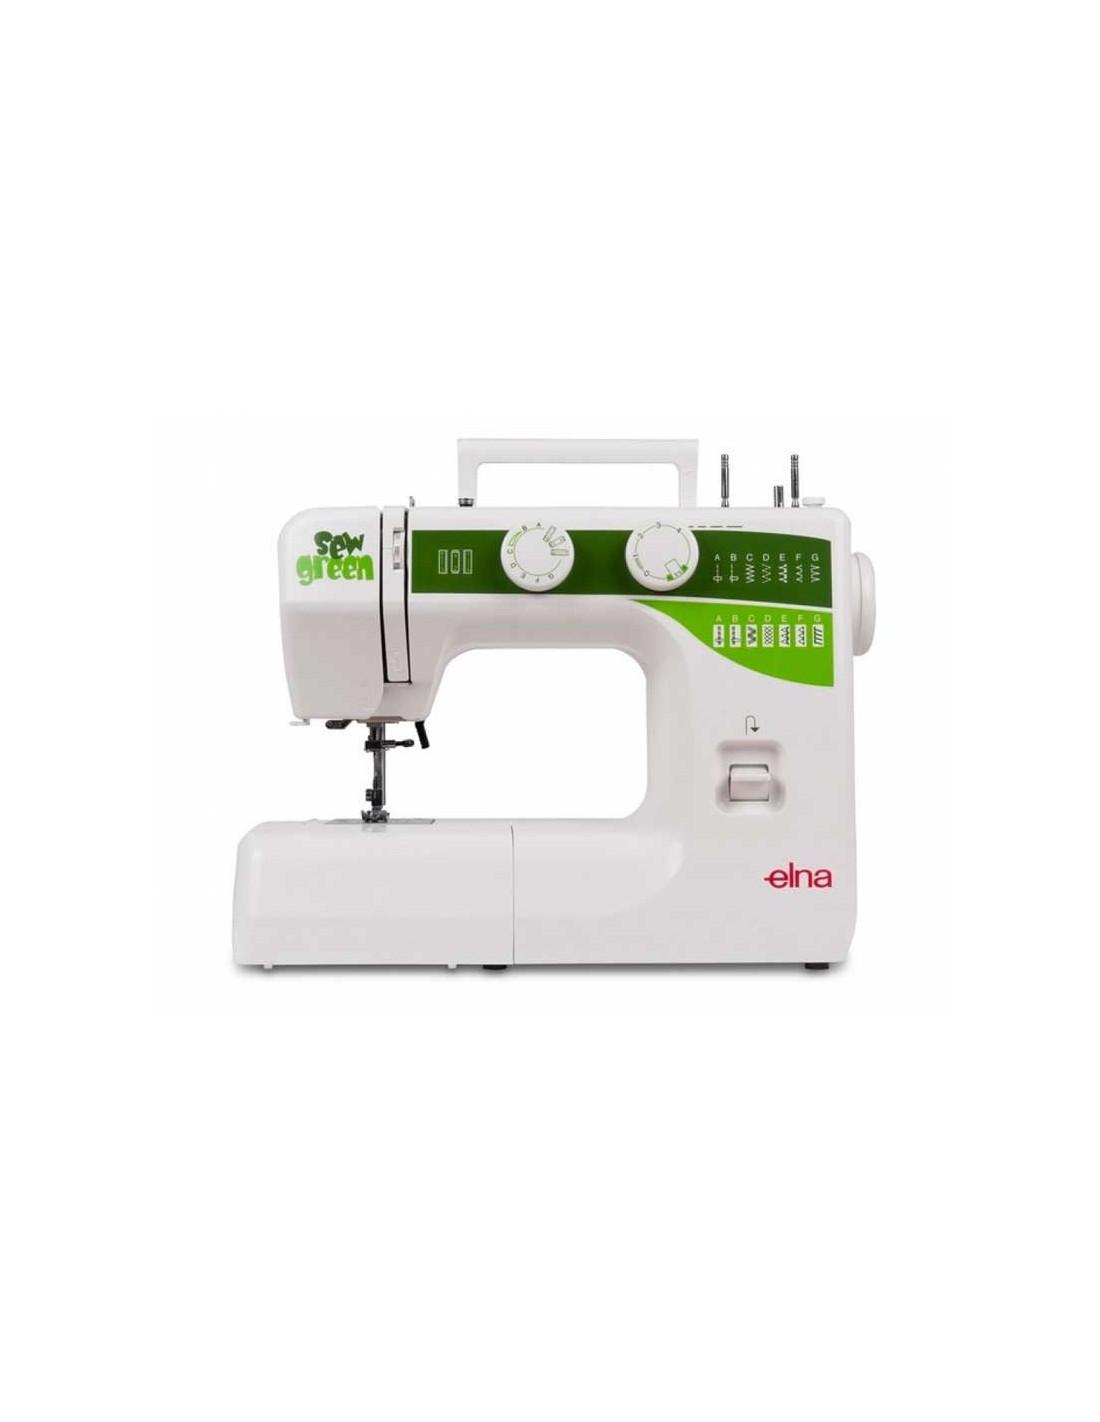 Maquina de coser Elna Sew Green 1000